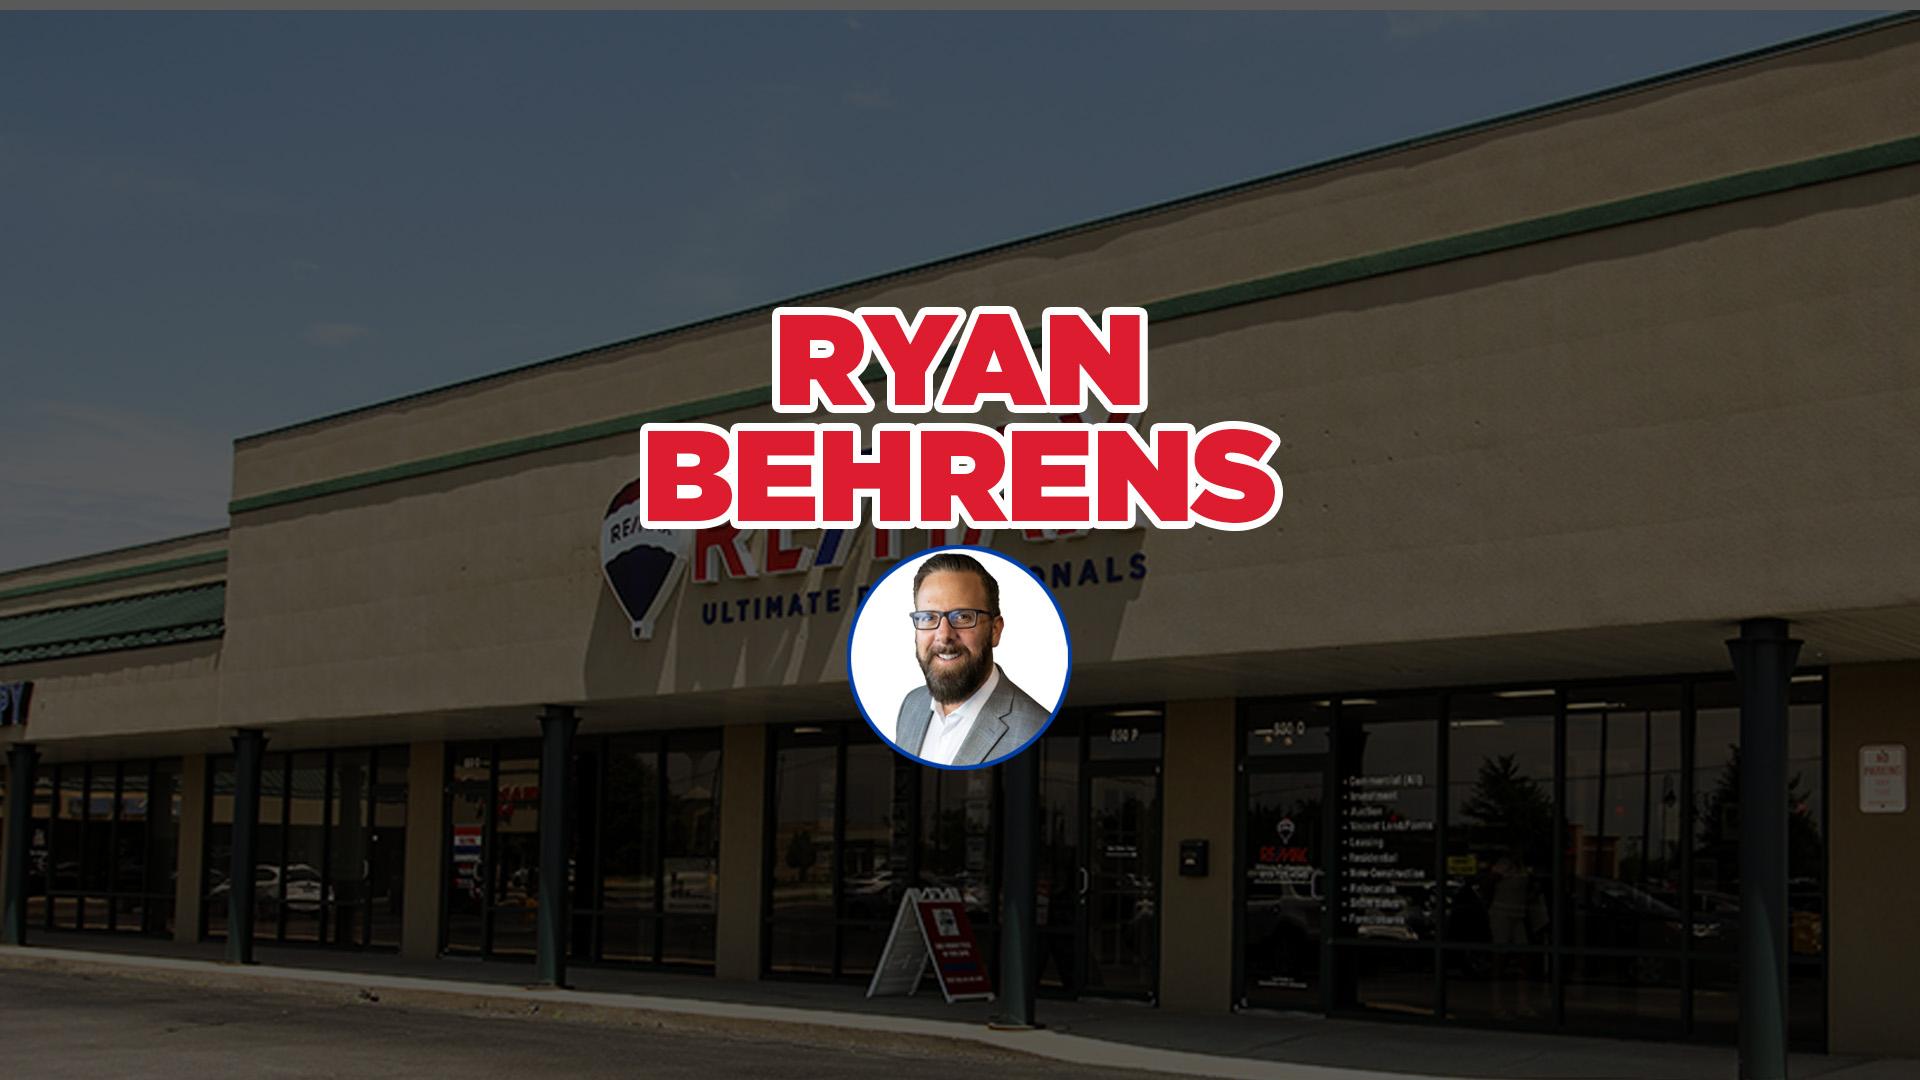 Ryan Behrens